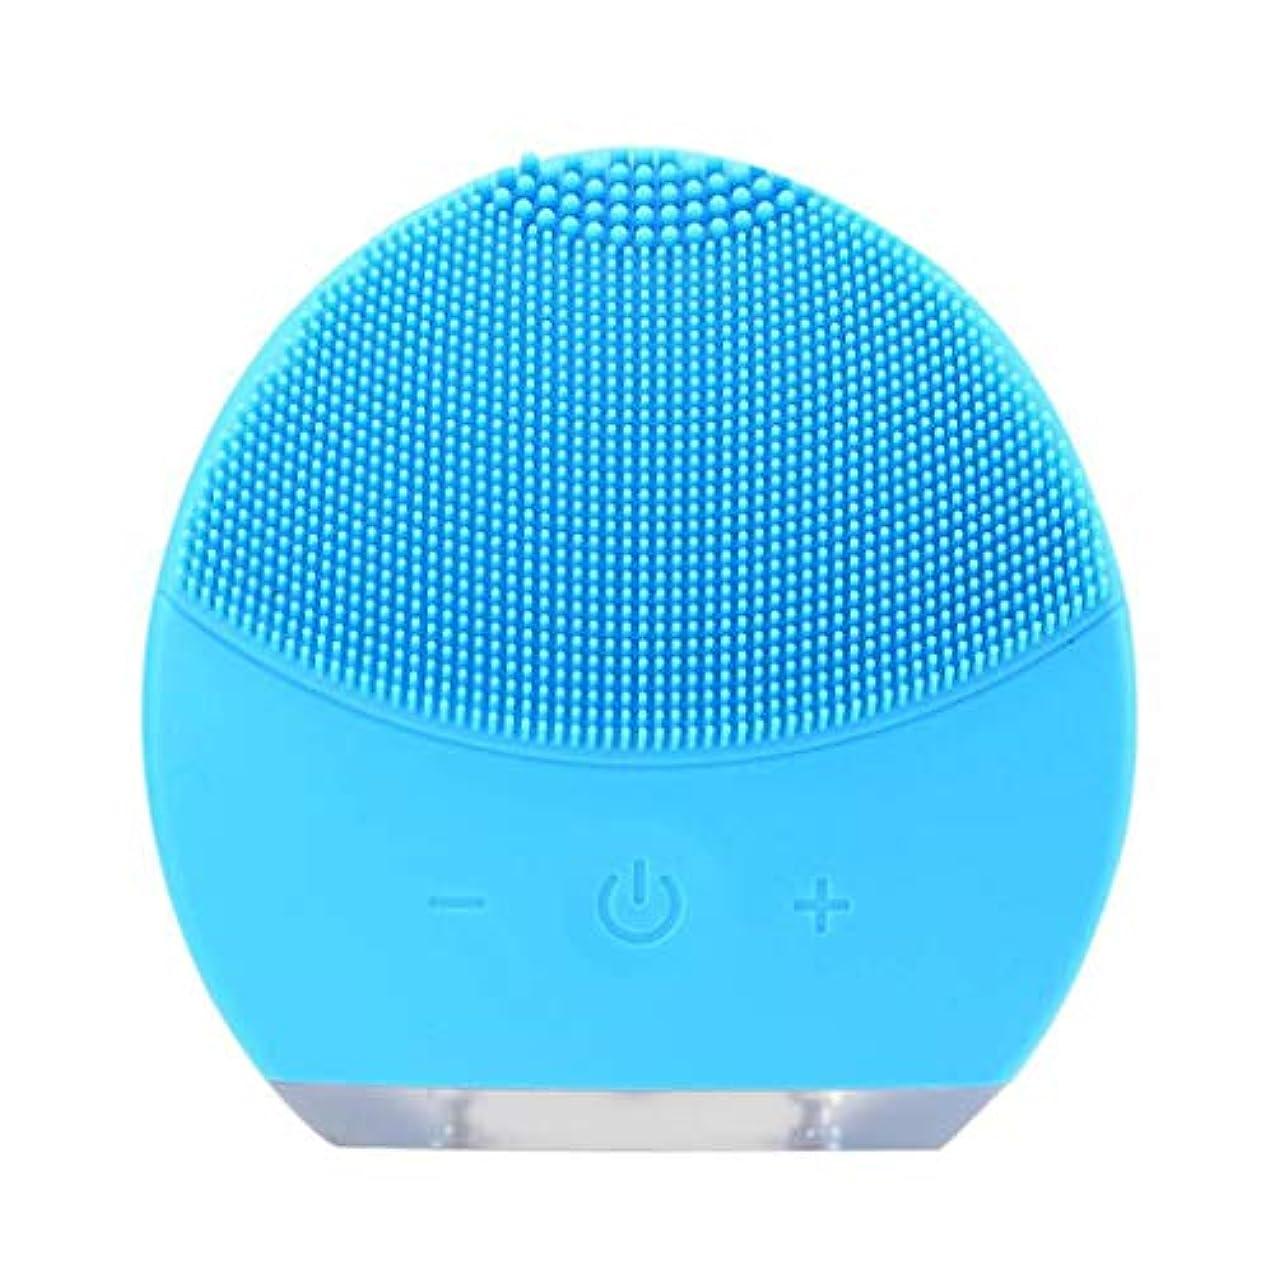 キリマンジャロ雇用だます超音波振動美容機器洗浄器、皮膚の毛穴を最小限に抑えるマイクロダーマブレーション毛穴、USB 充電と防水,Blue